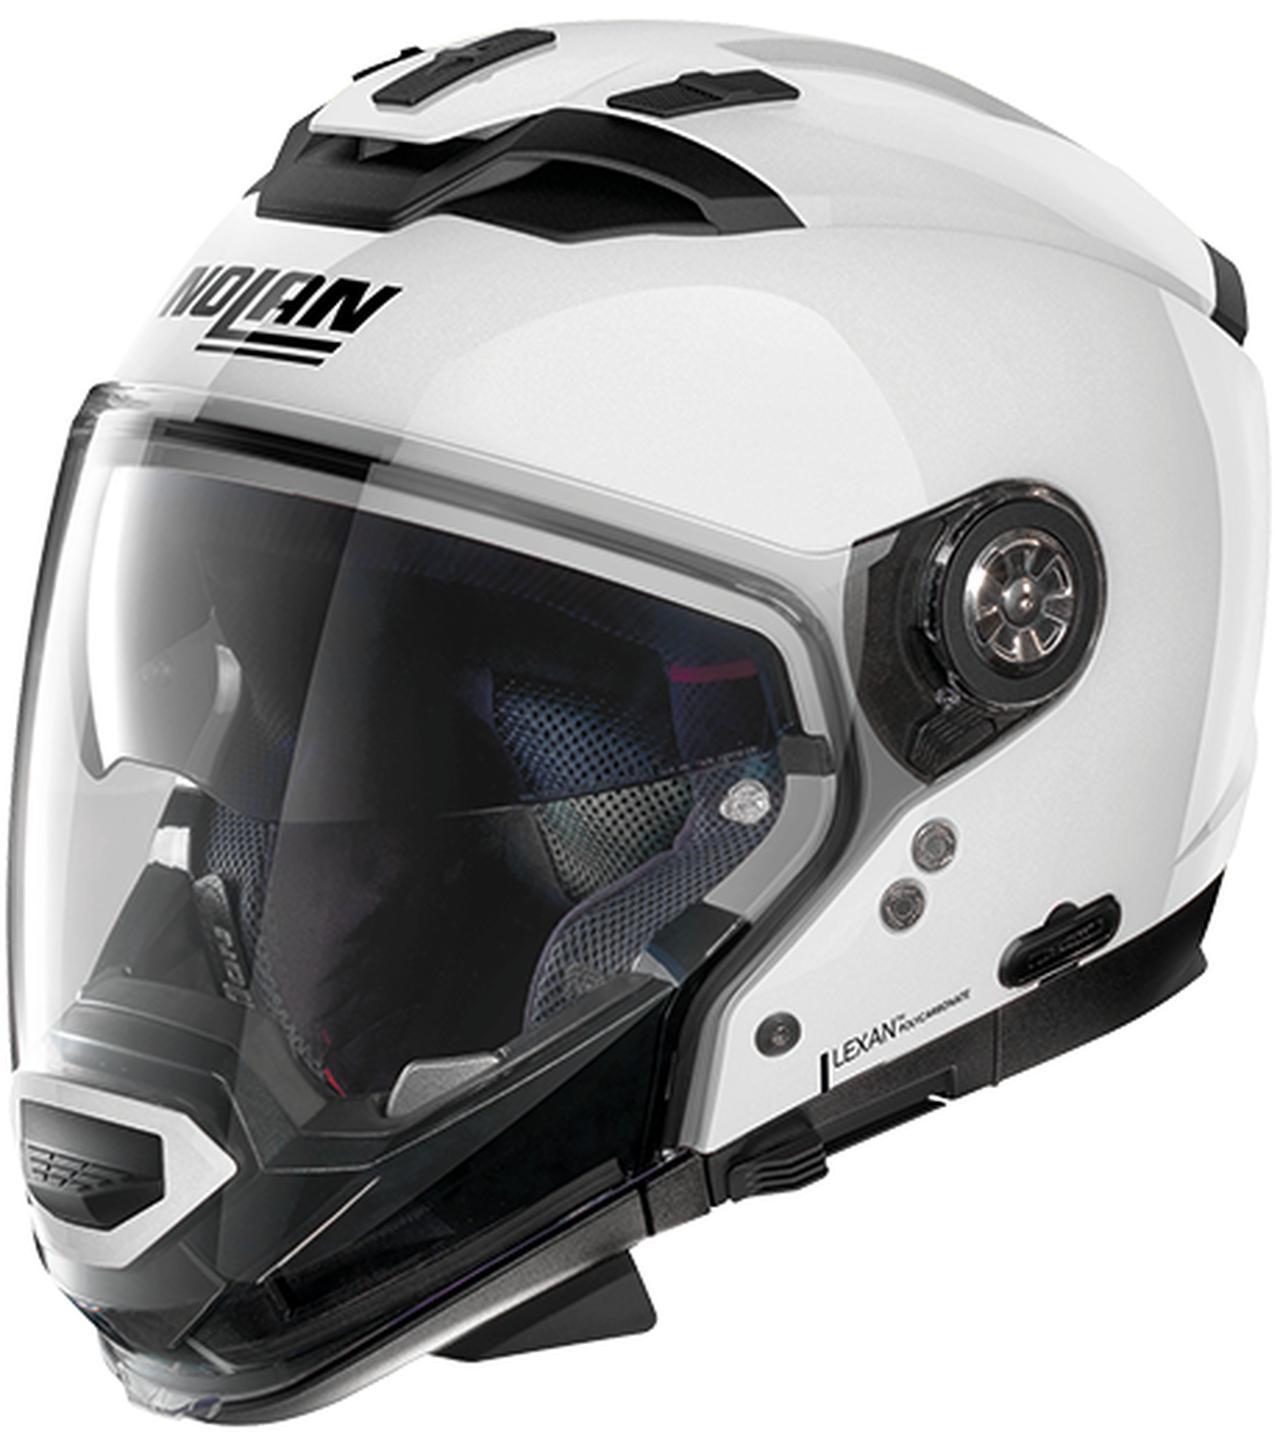 画像3: インナーサンバイザー搭載、帽体は超高強度軽量素材LEXANポリカーボネートを採用!